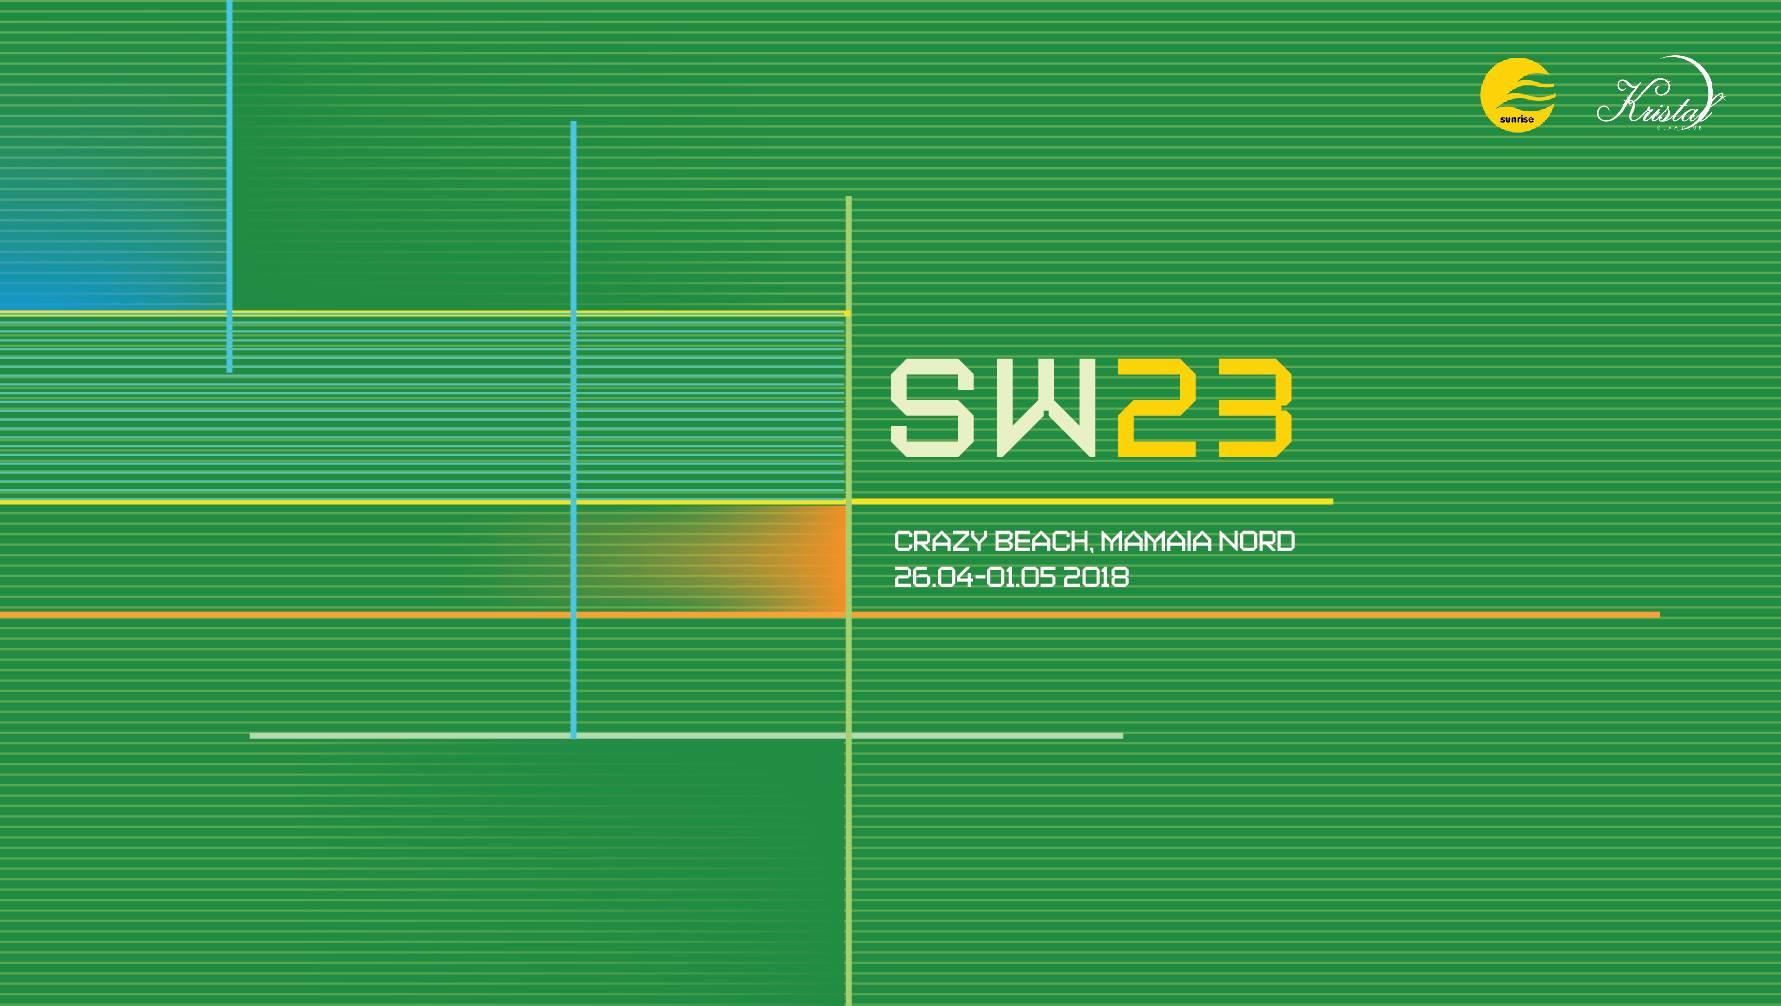 Sunwaves Festival SW 23 de 1 mai în Mamaia Nord